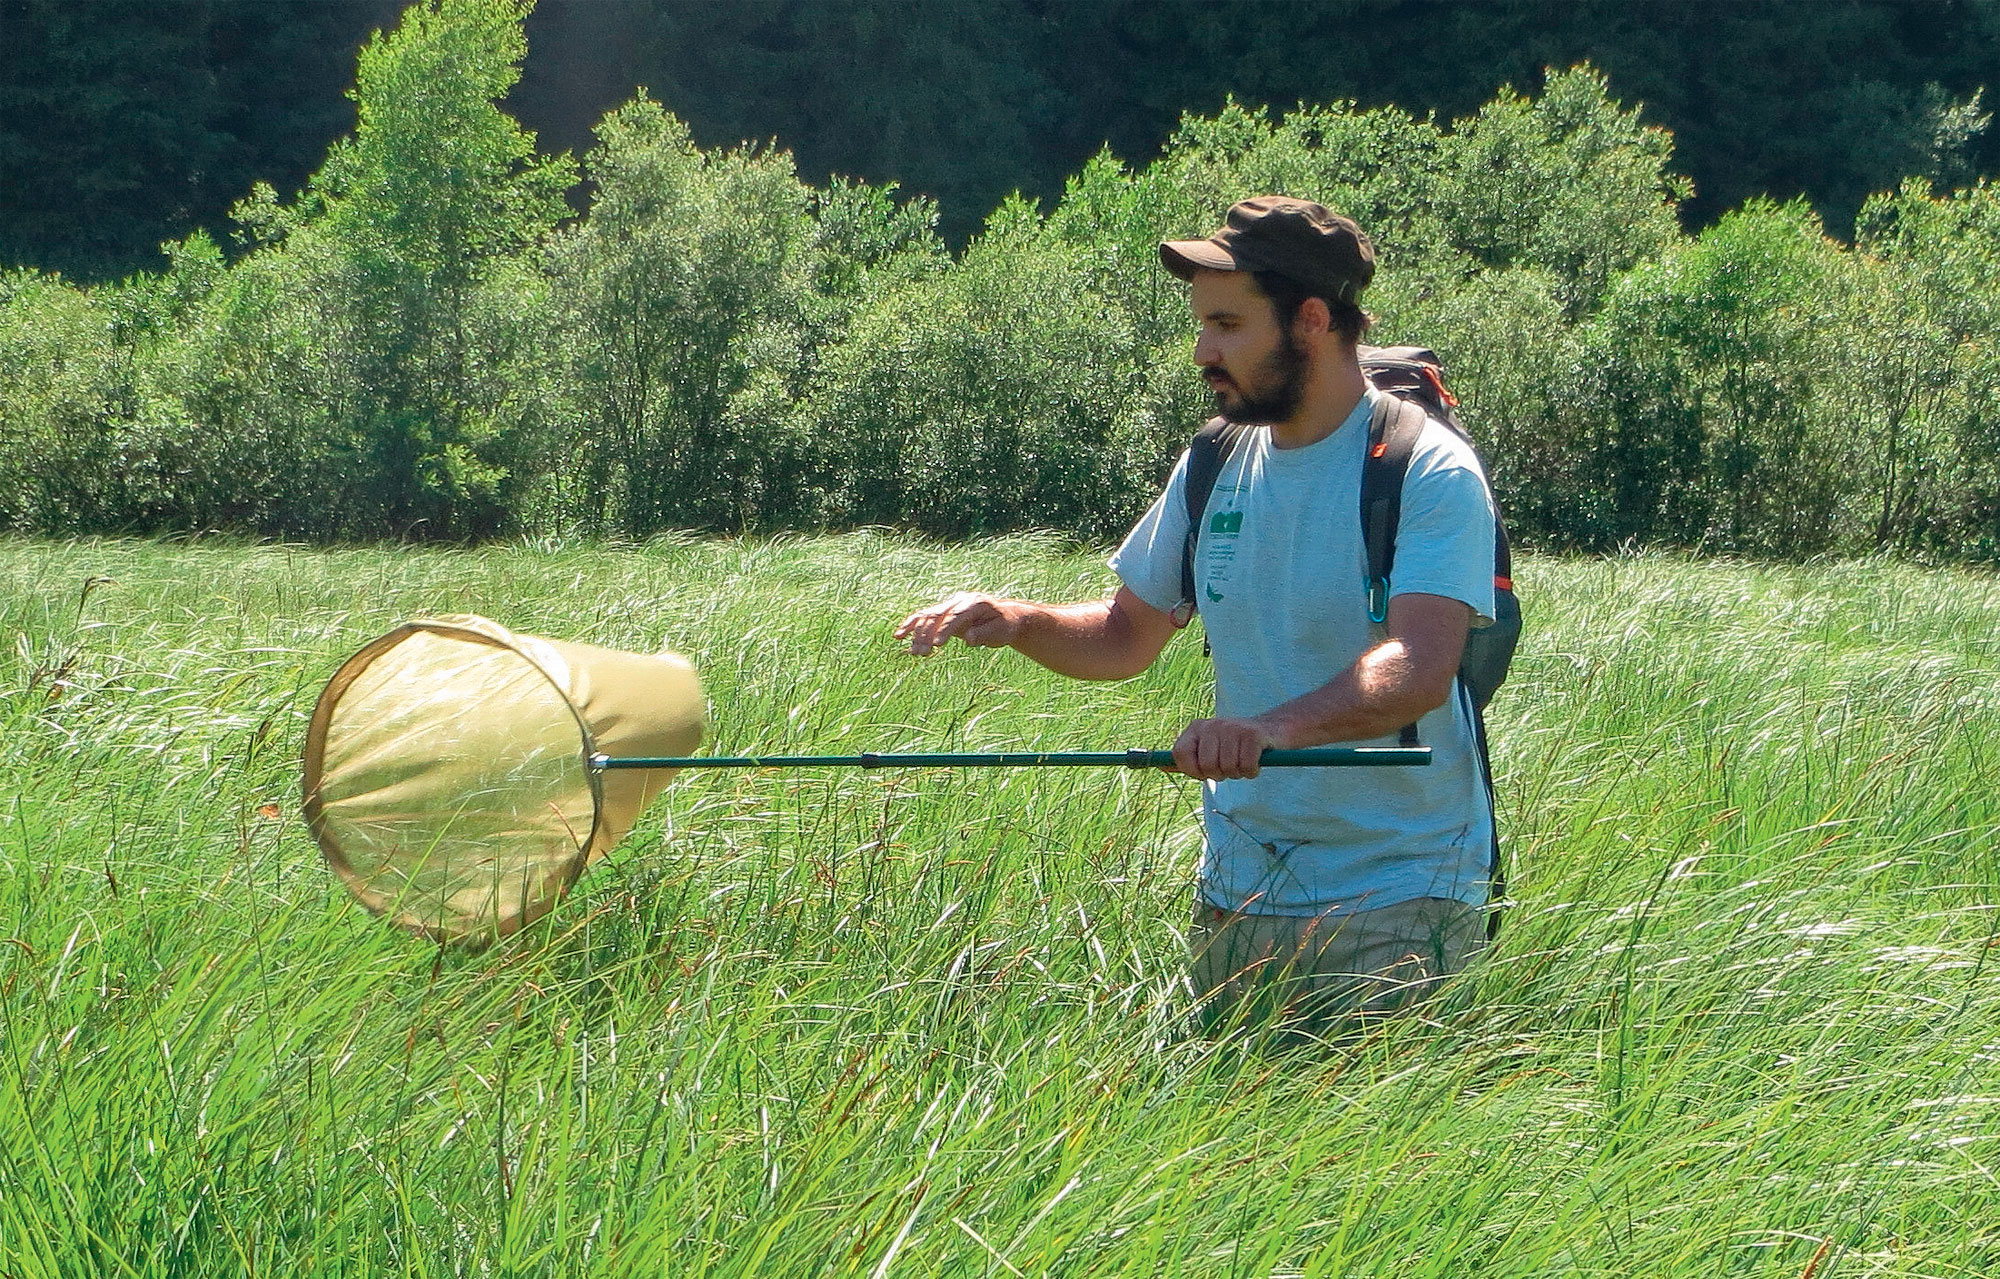 Julien Ryelandt Biologiste au Conservatoire botanique national de Franche-Comté - Observatoire régional des invertébrés. Auteur de la clé d'identification des zygènes de Bourgogne-Franche-Comté.